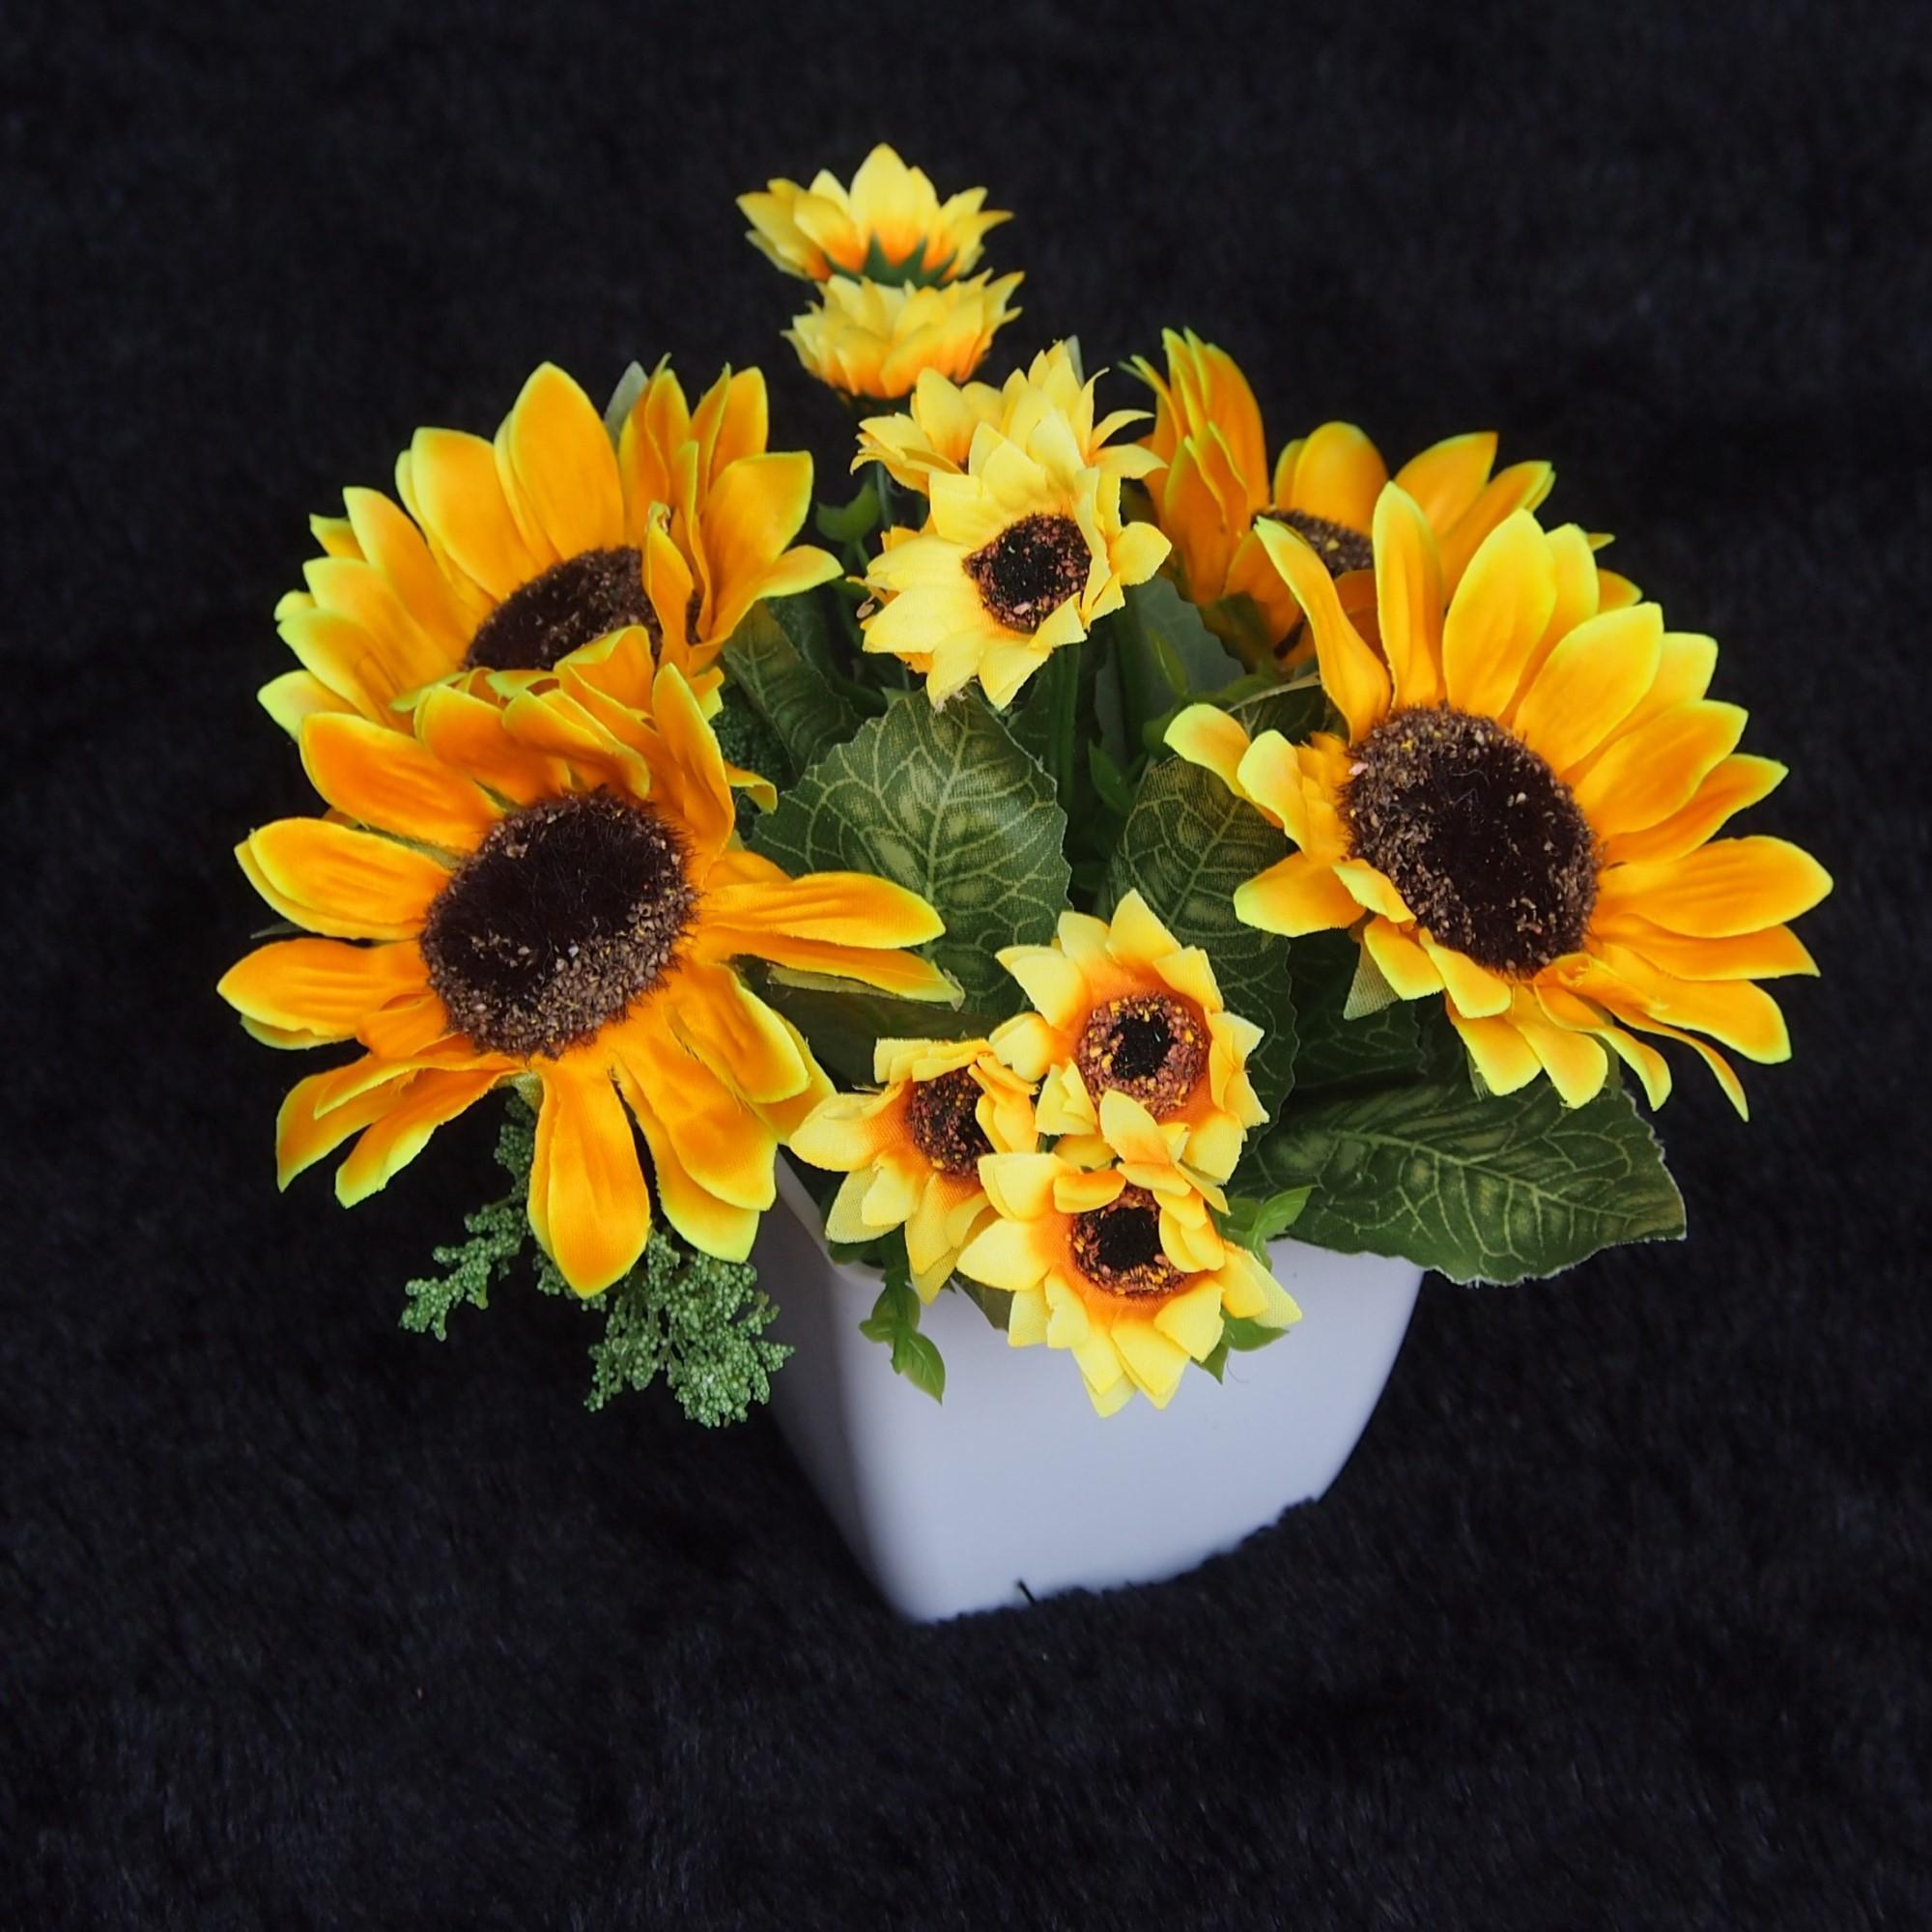 Bunga Dekorasi Dan Pajangan - Bunga Matahari New Hiasan Plastik Cantik Dan  Fresh - 2 db012cf529